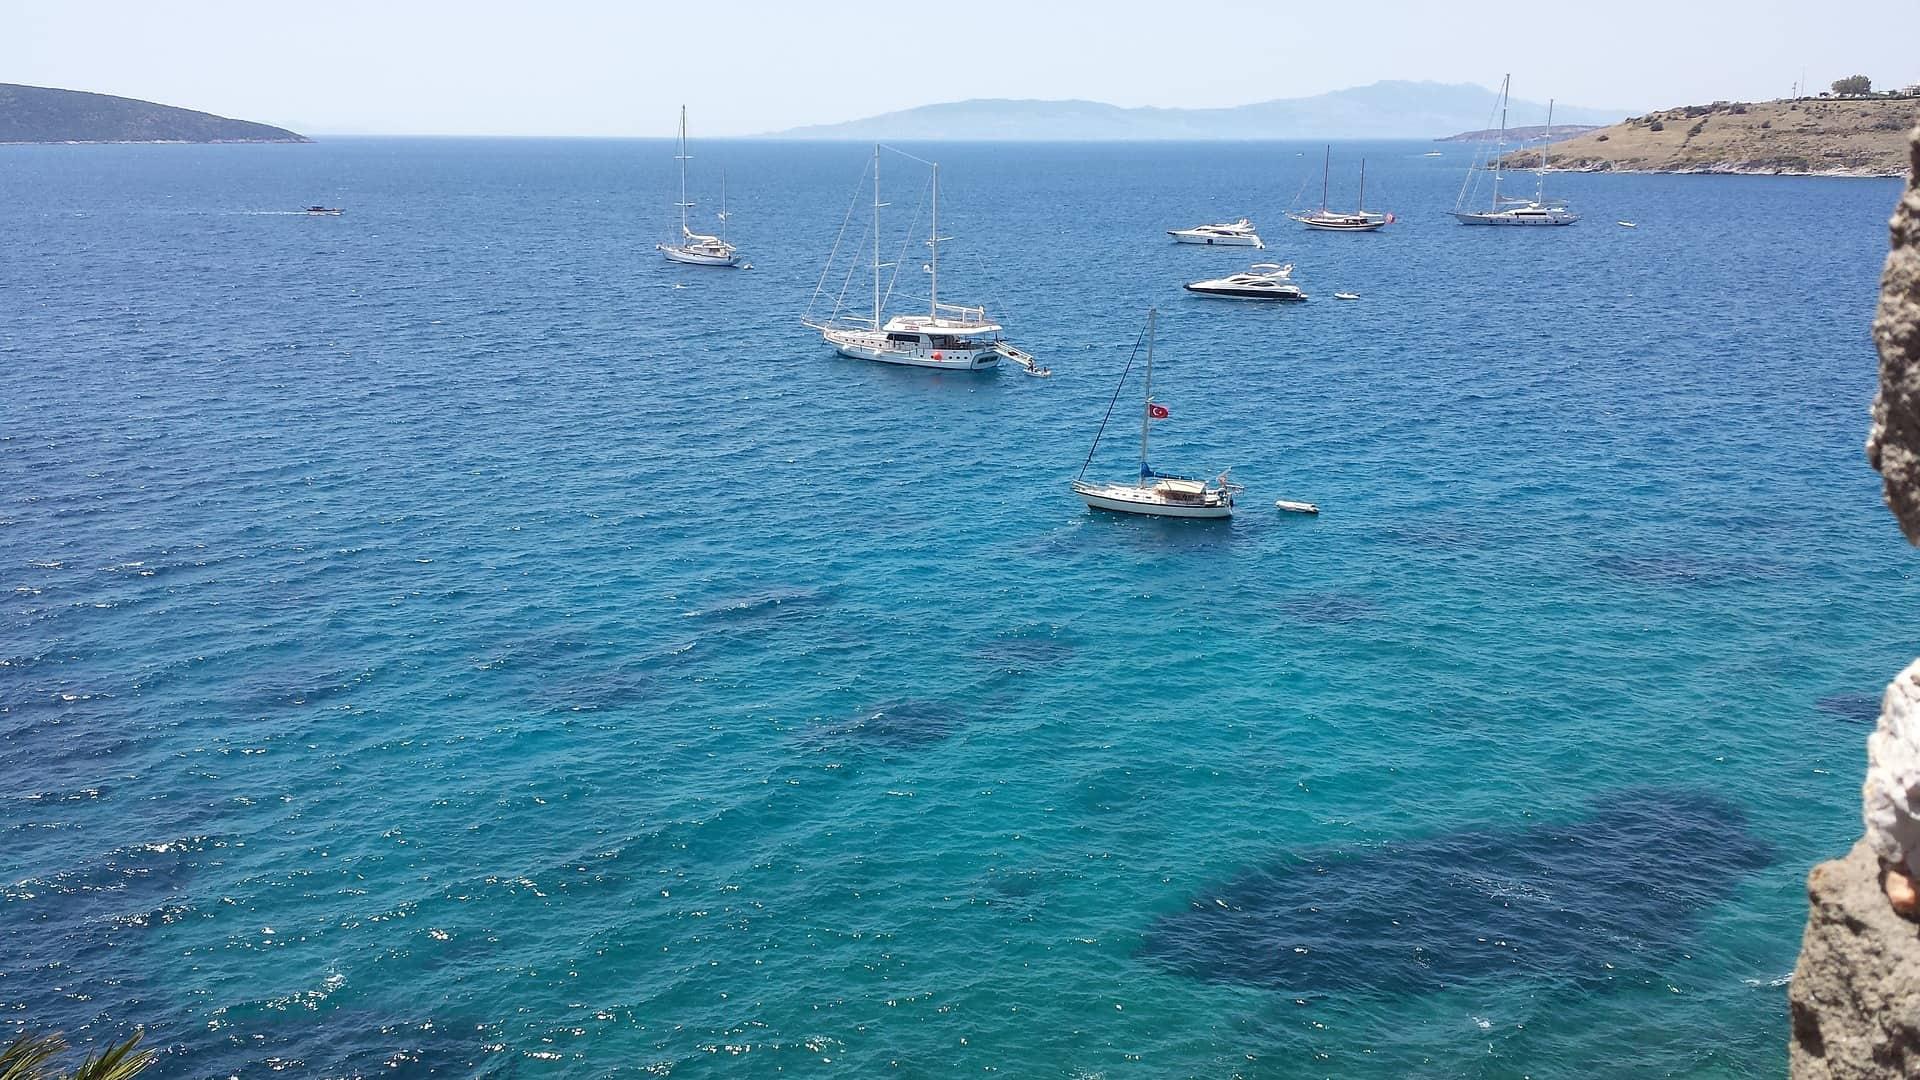 Billig Urlaub Türkei - ab 65,00€ Preisvergleich der Reiseveranstalter